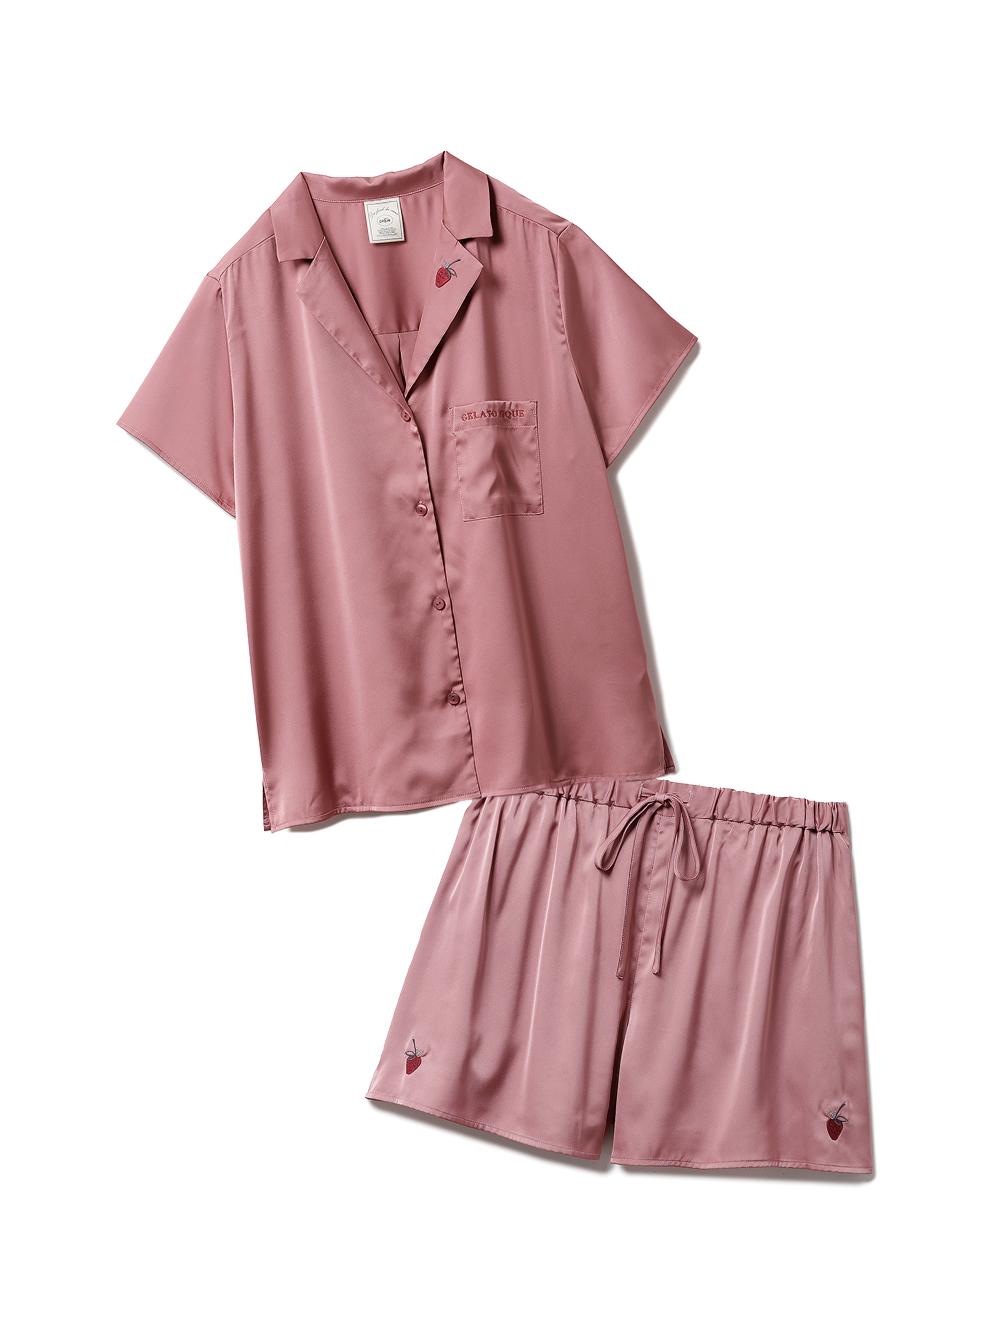 【ラッピング】ストロベリー刺繍サテンシャツ&ショートパンツSET